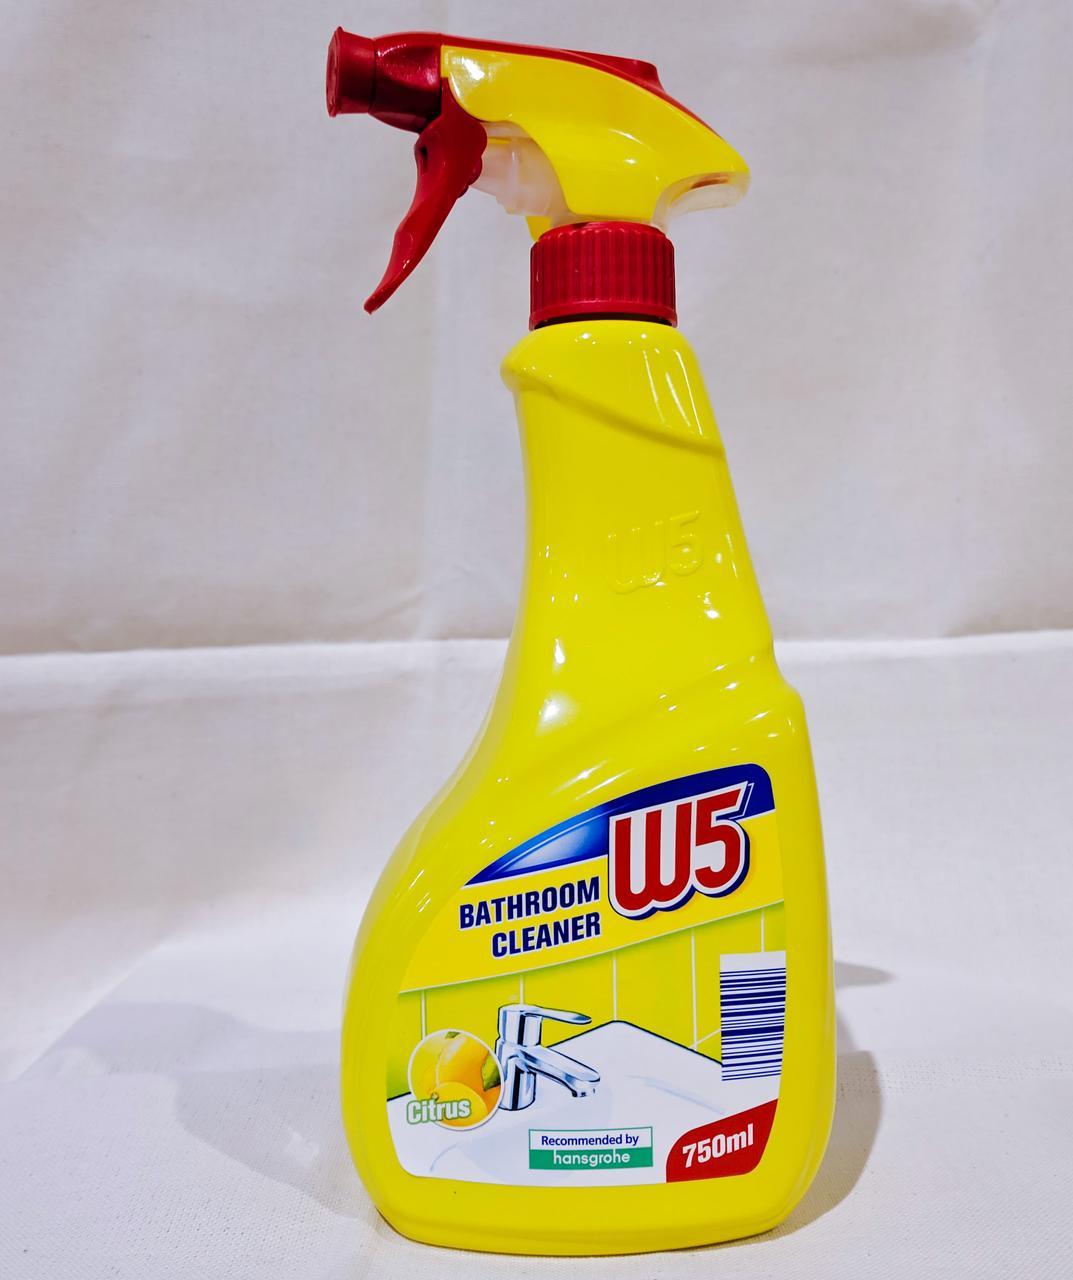 Средство уборки ванной W5 Bathroom cleaner citrus